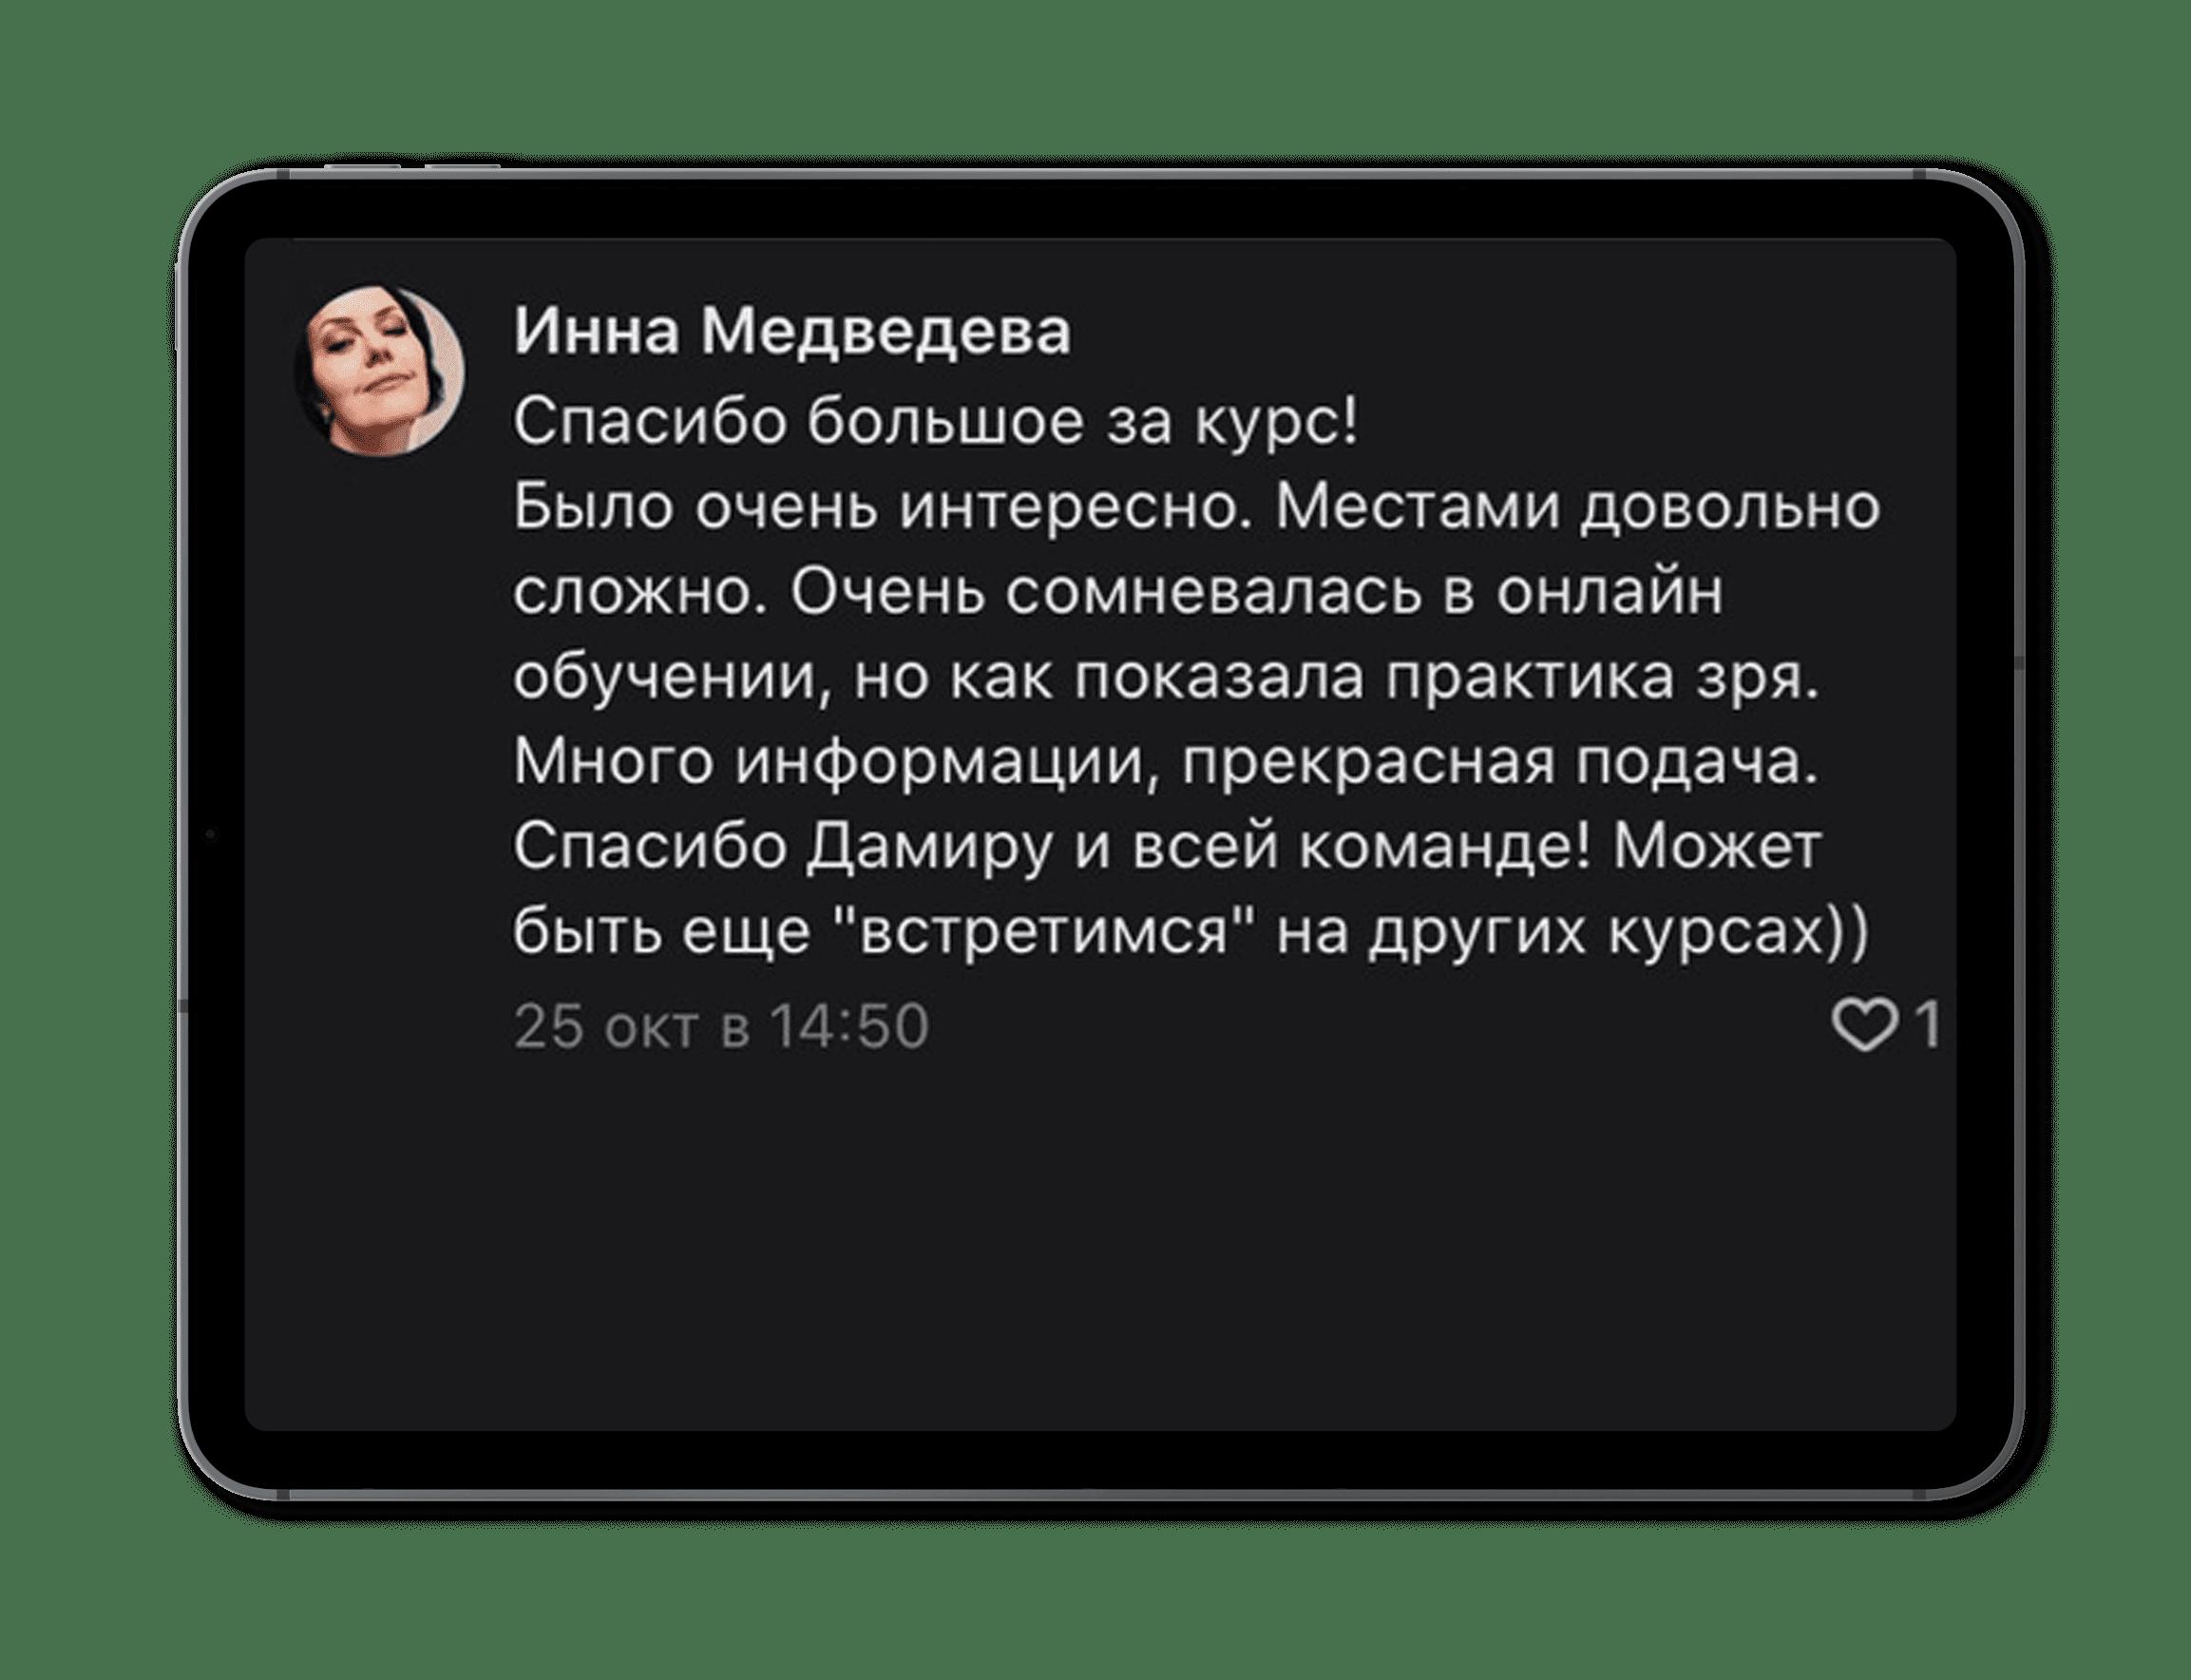 Скриншот отзыва